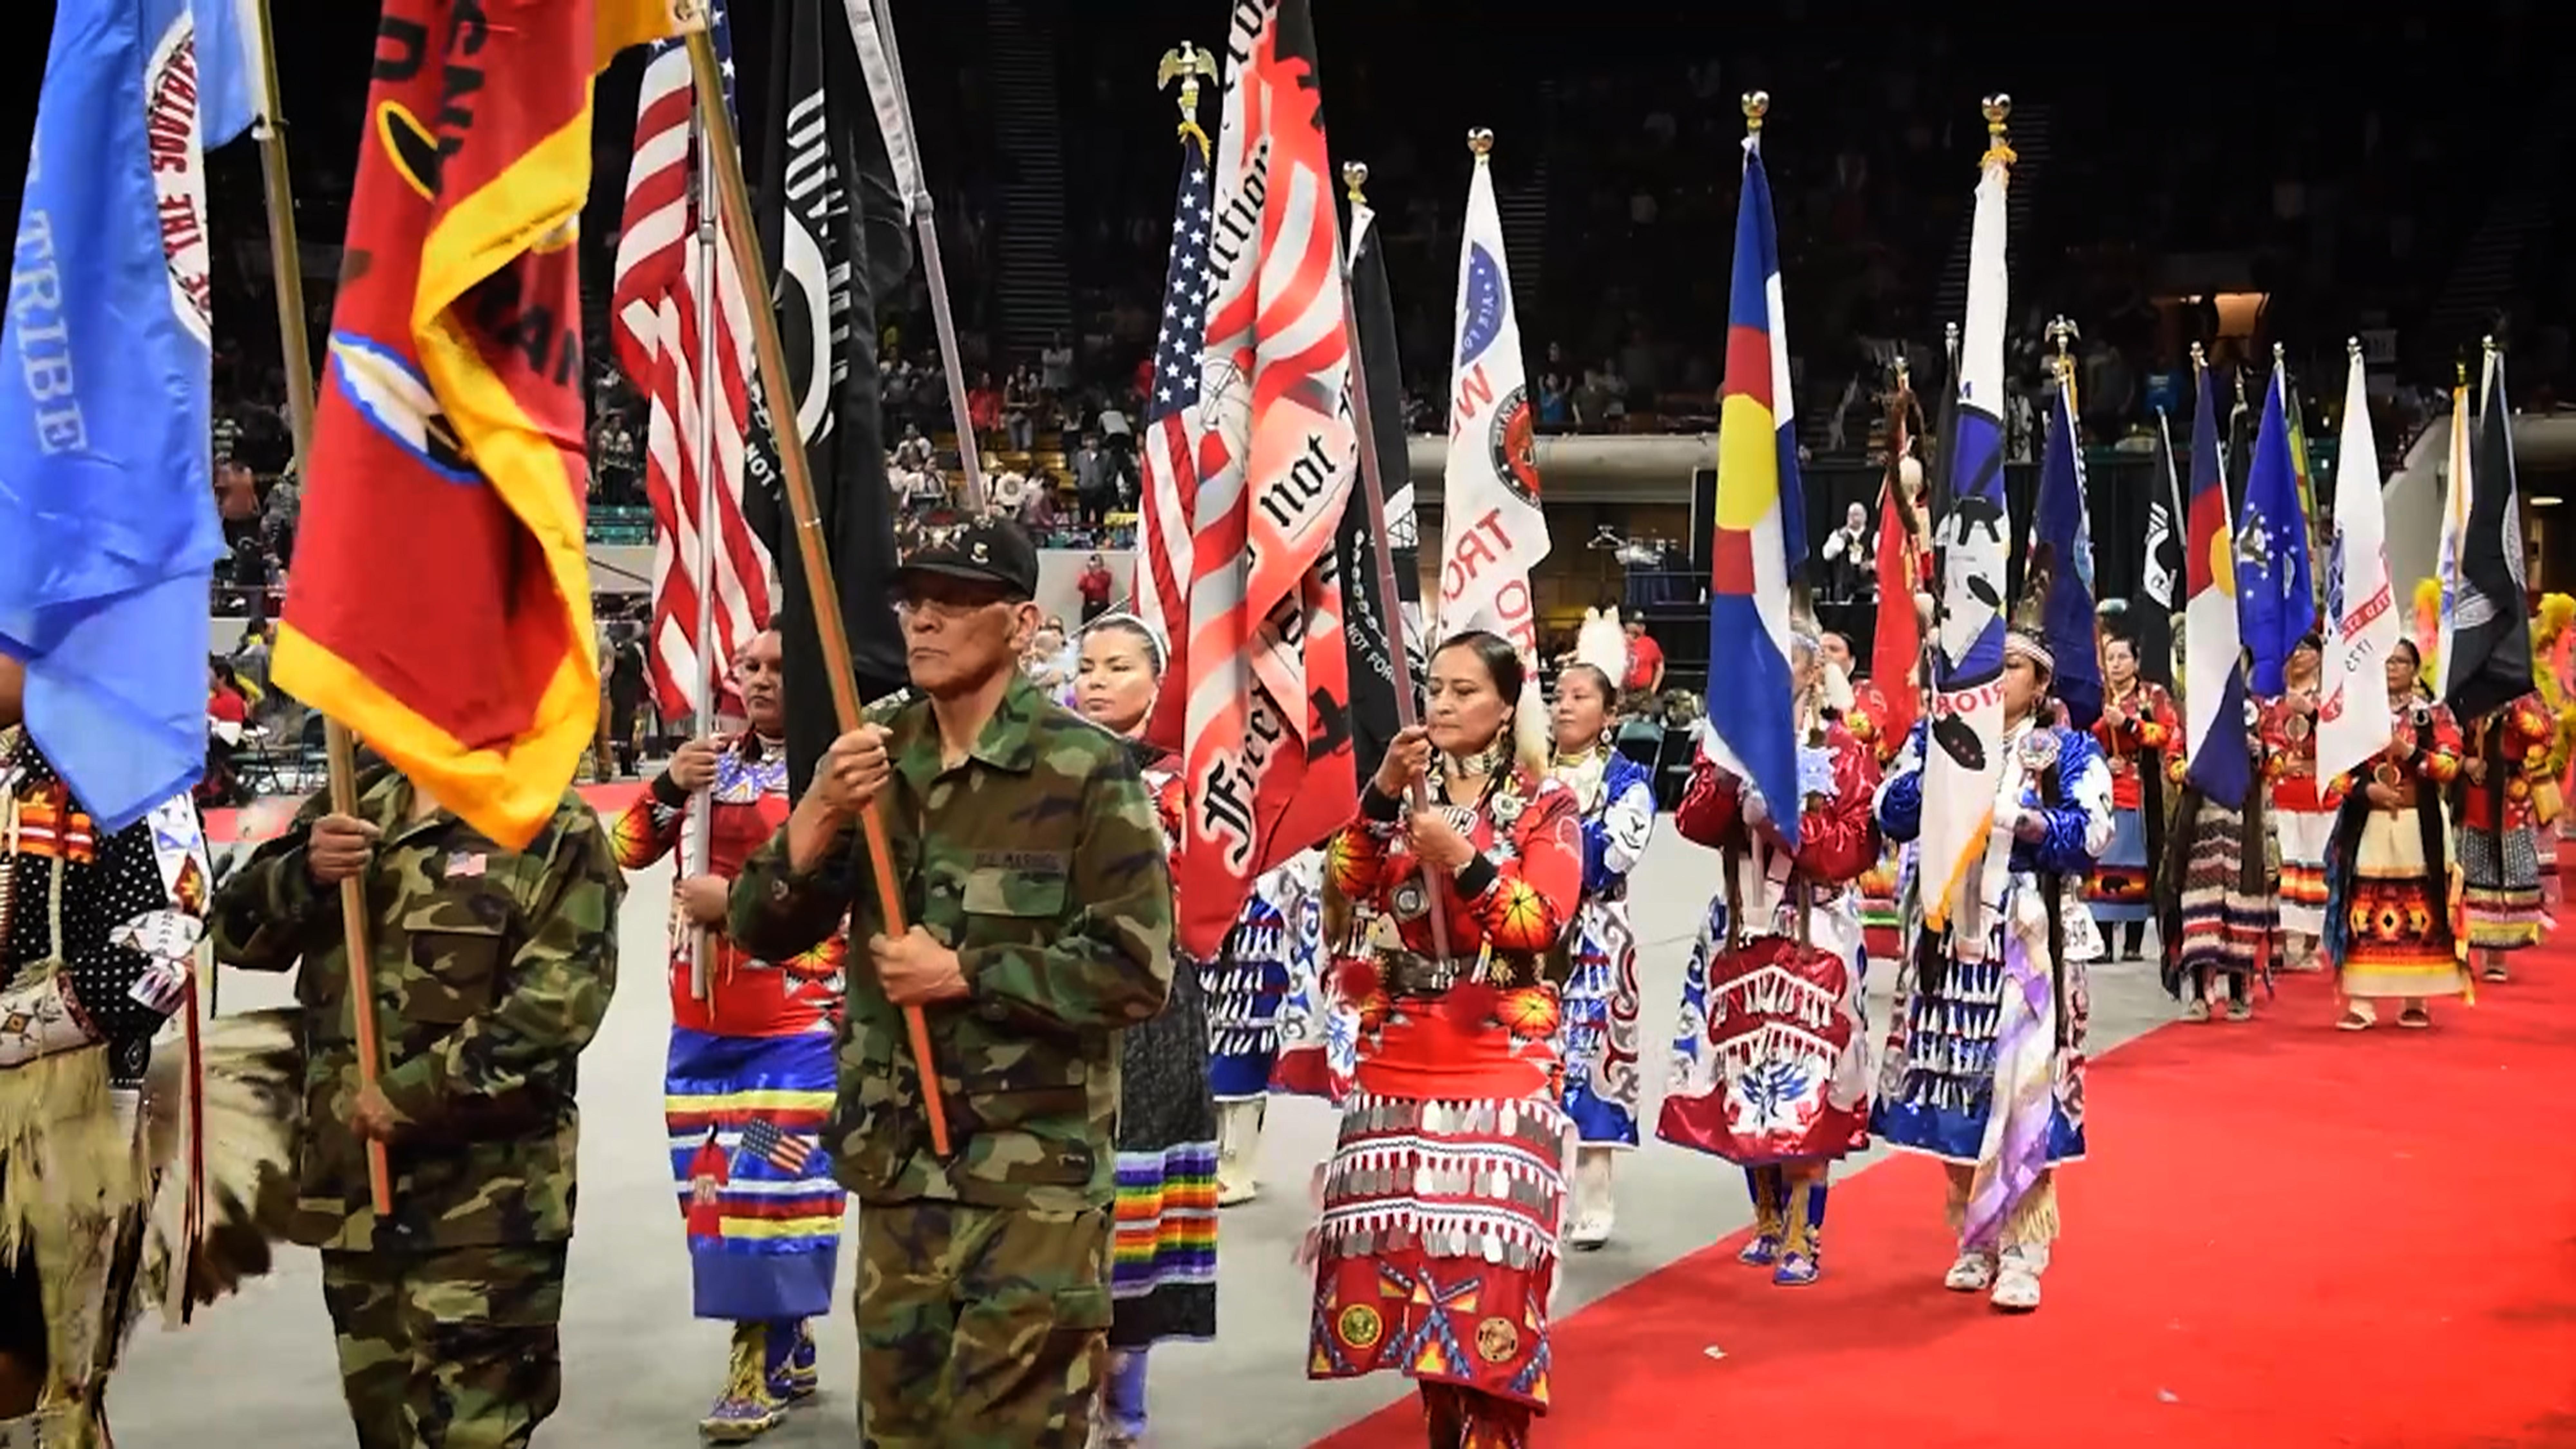 Comanche Indians Veterans Association Celebration and Powwow